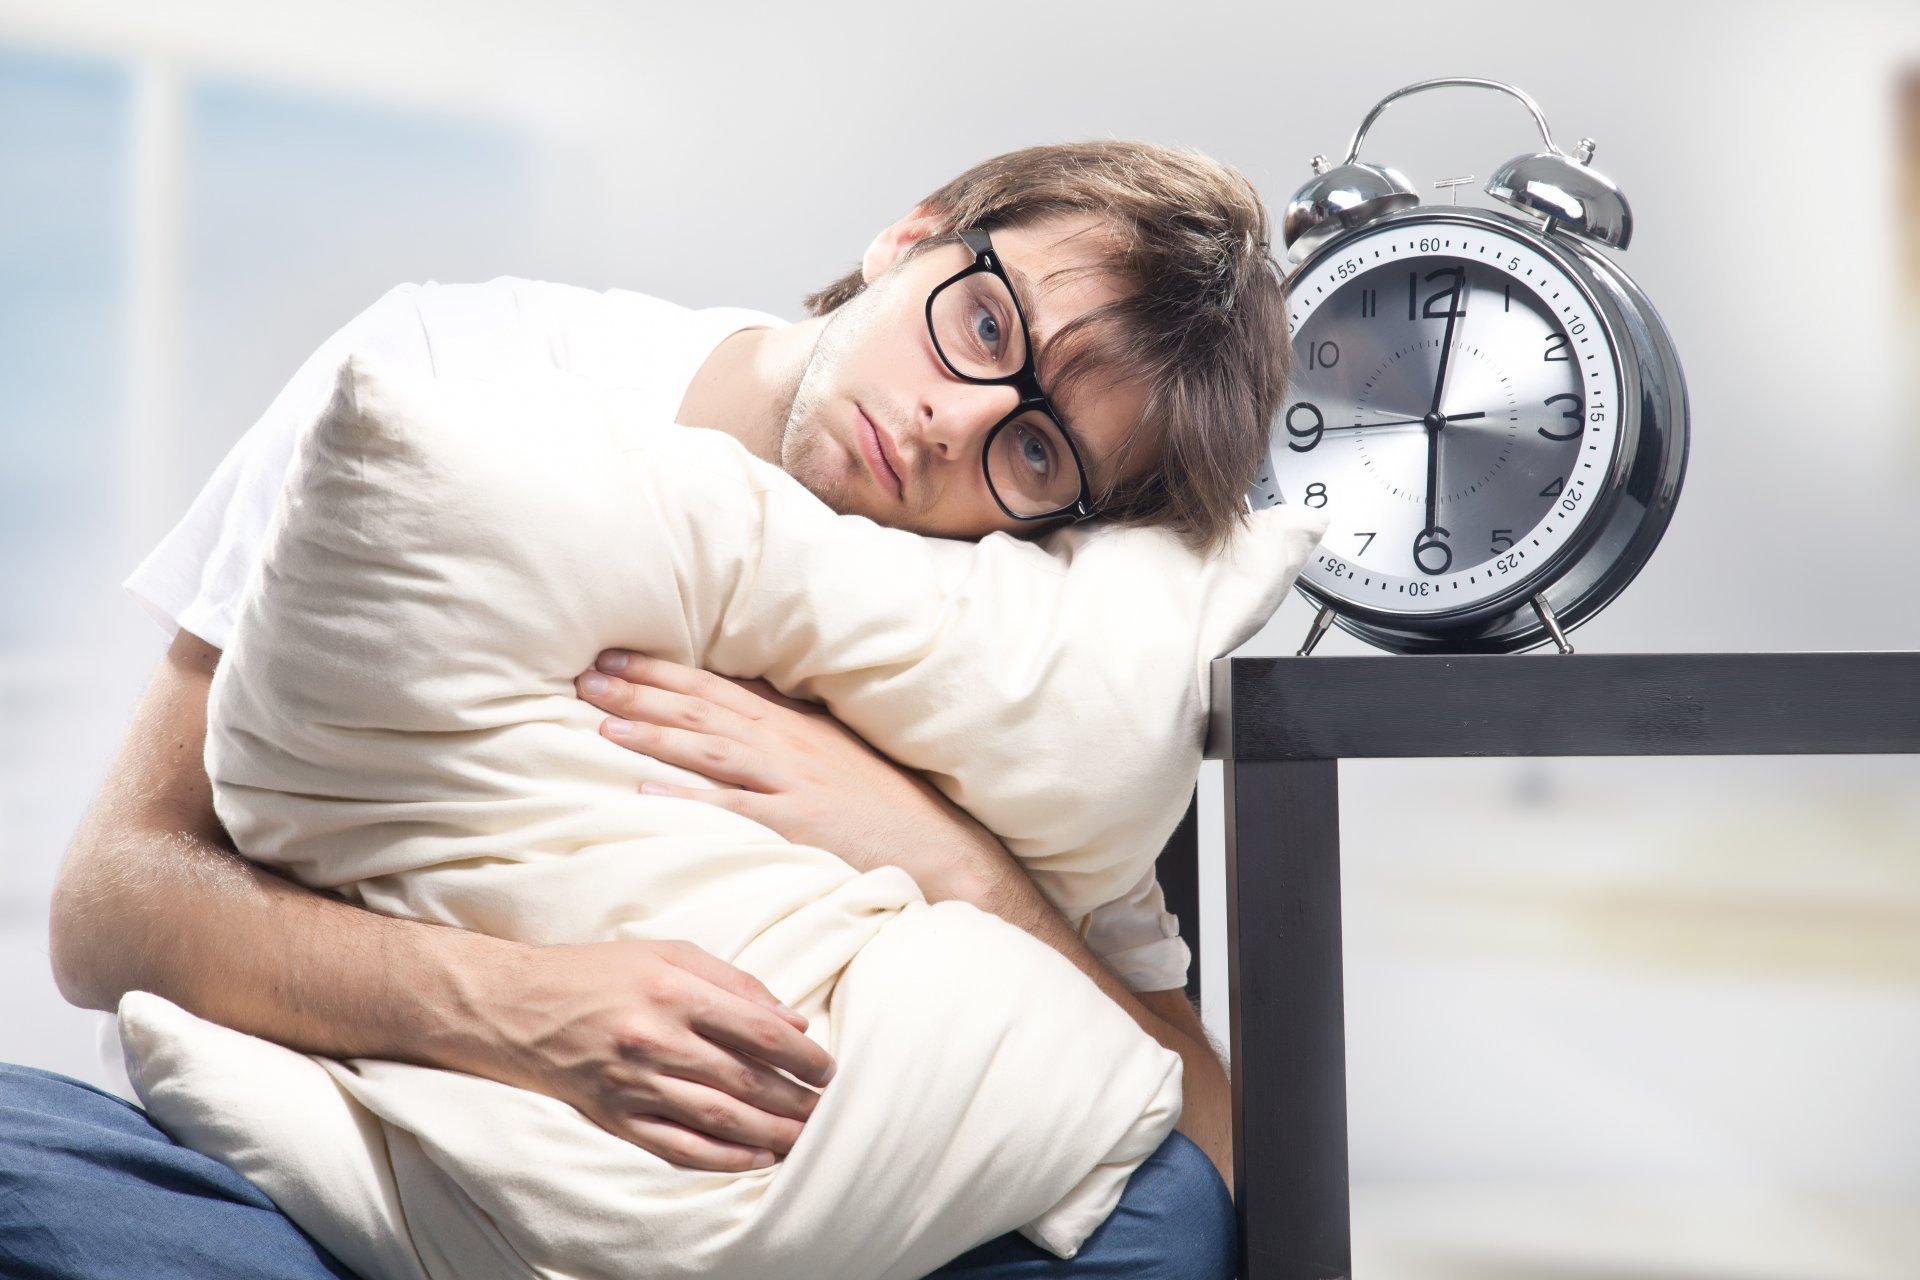 Thiếu ngủ hay ngủ quá nhiều cũng khiến bạn đau đầu lúc gần sáng